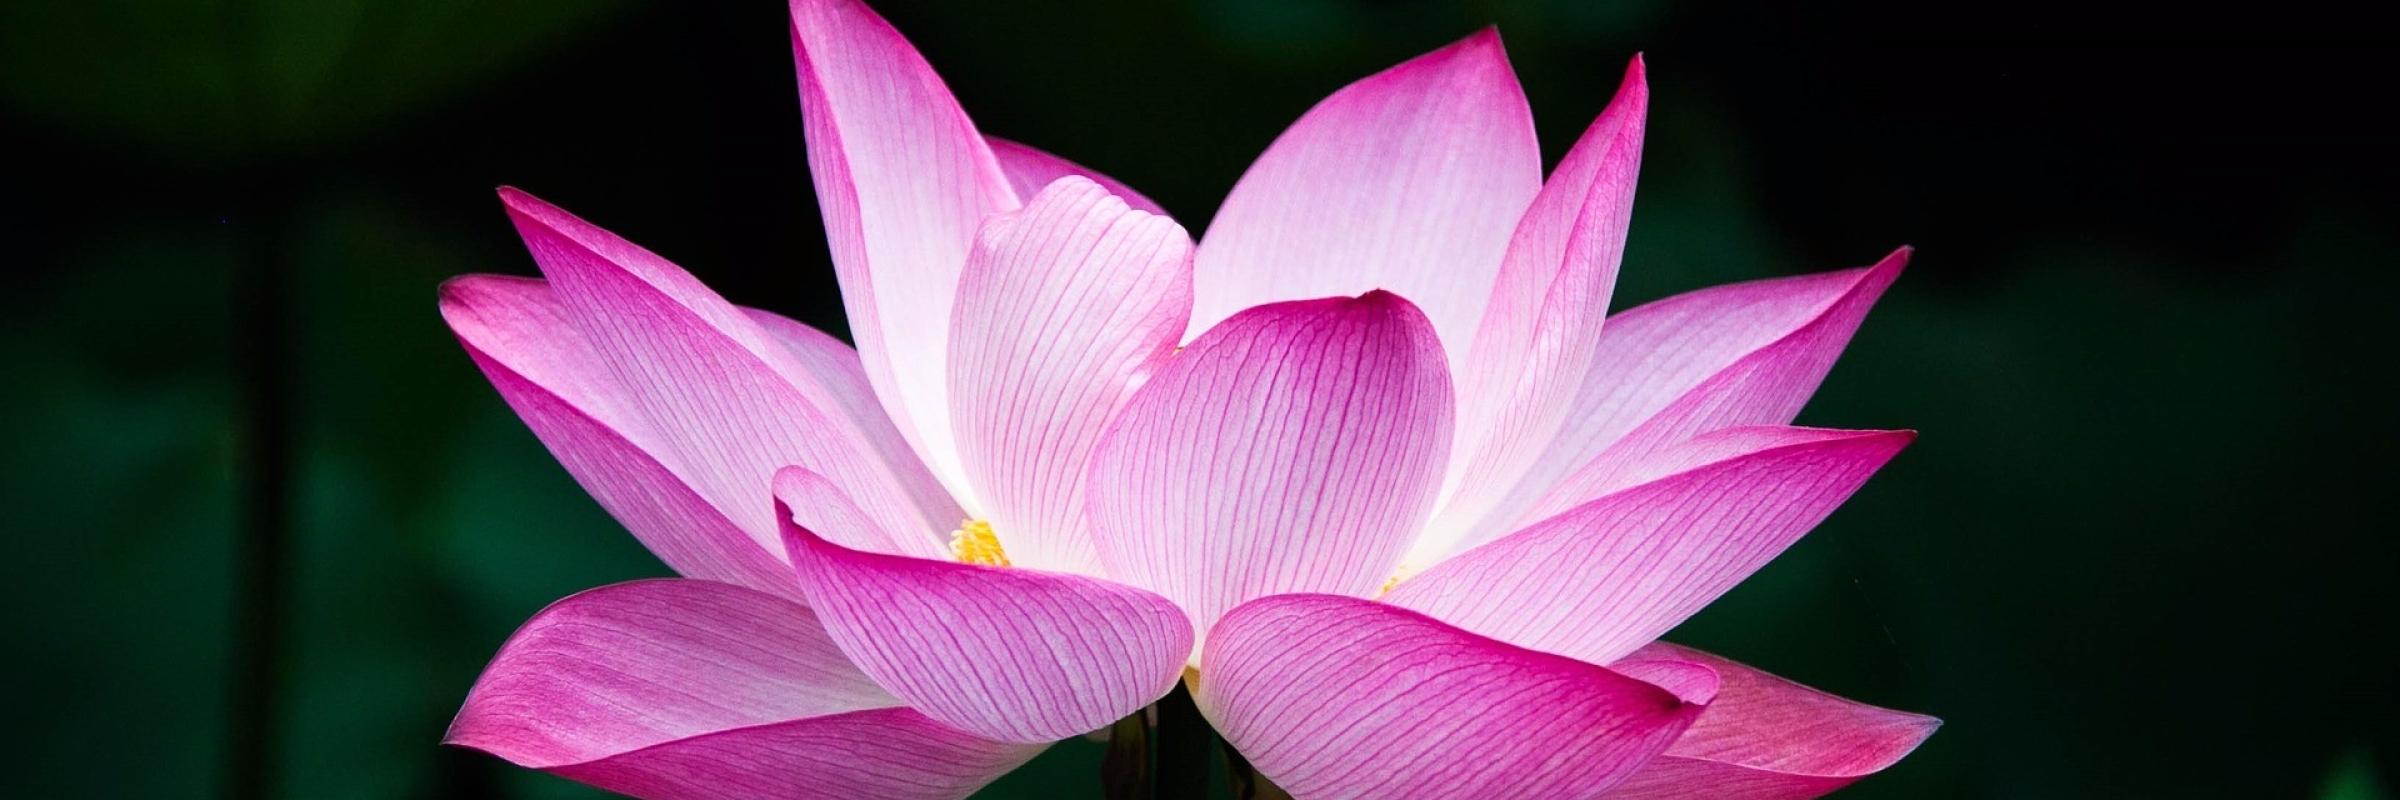 lotus-978659_1920